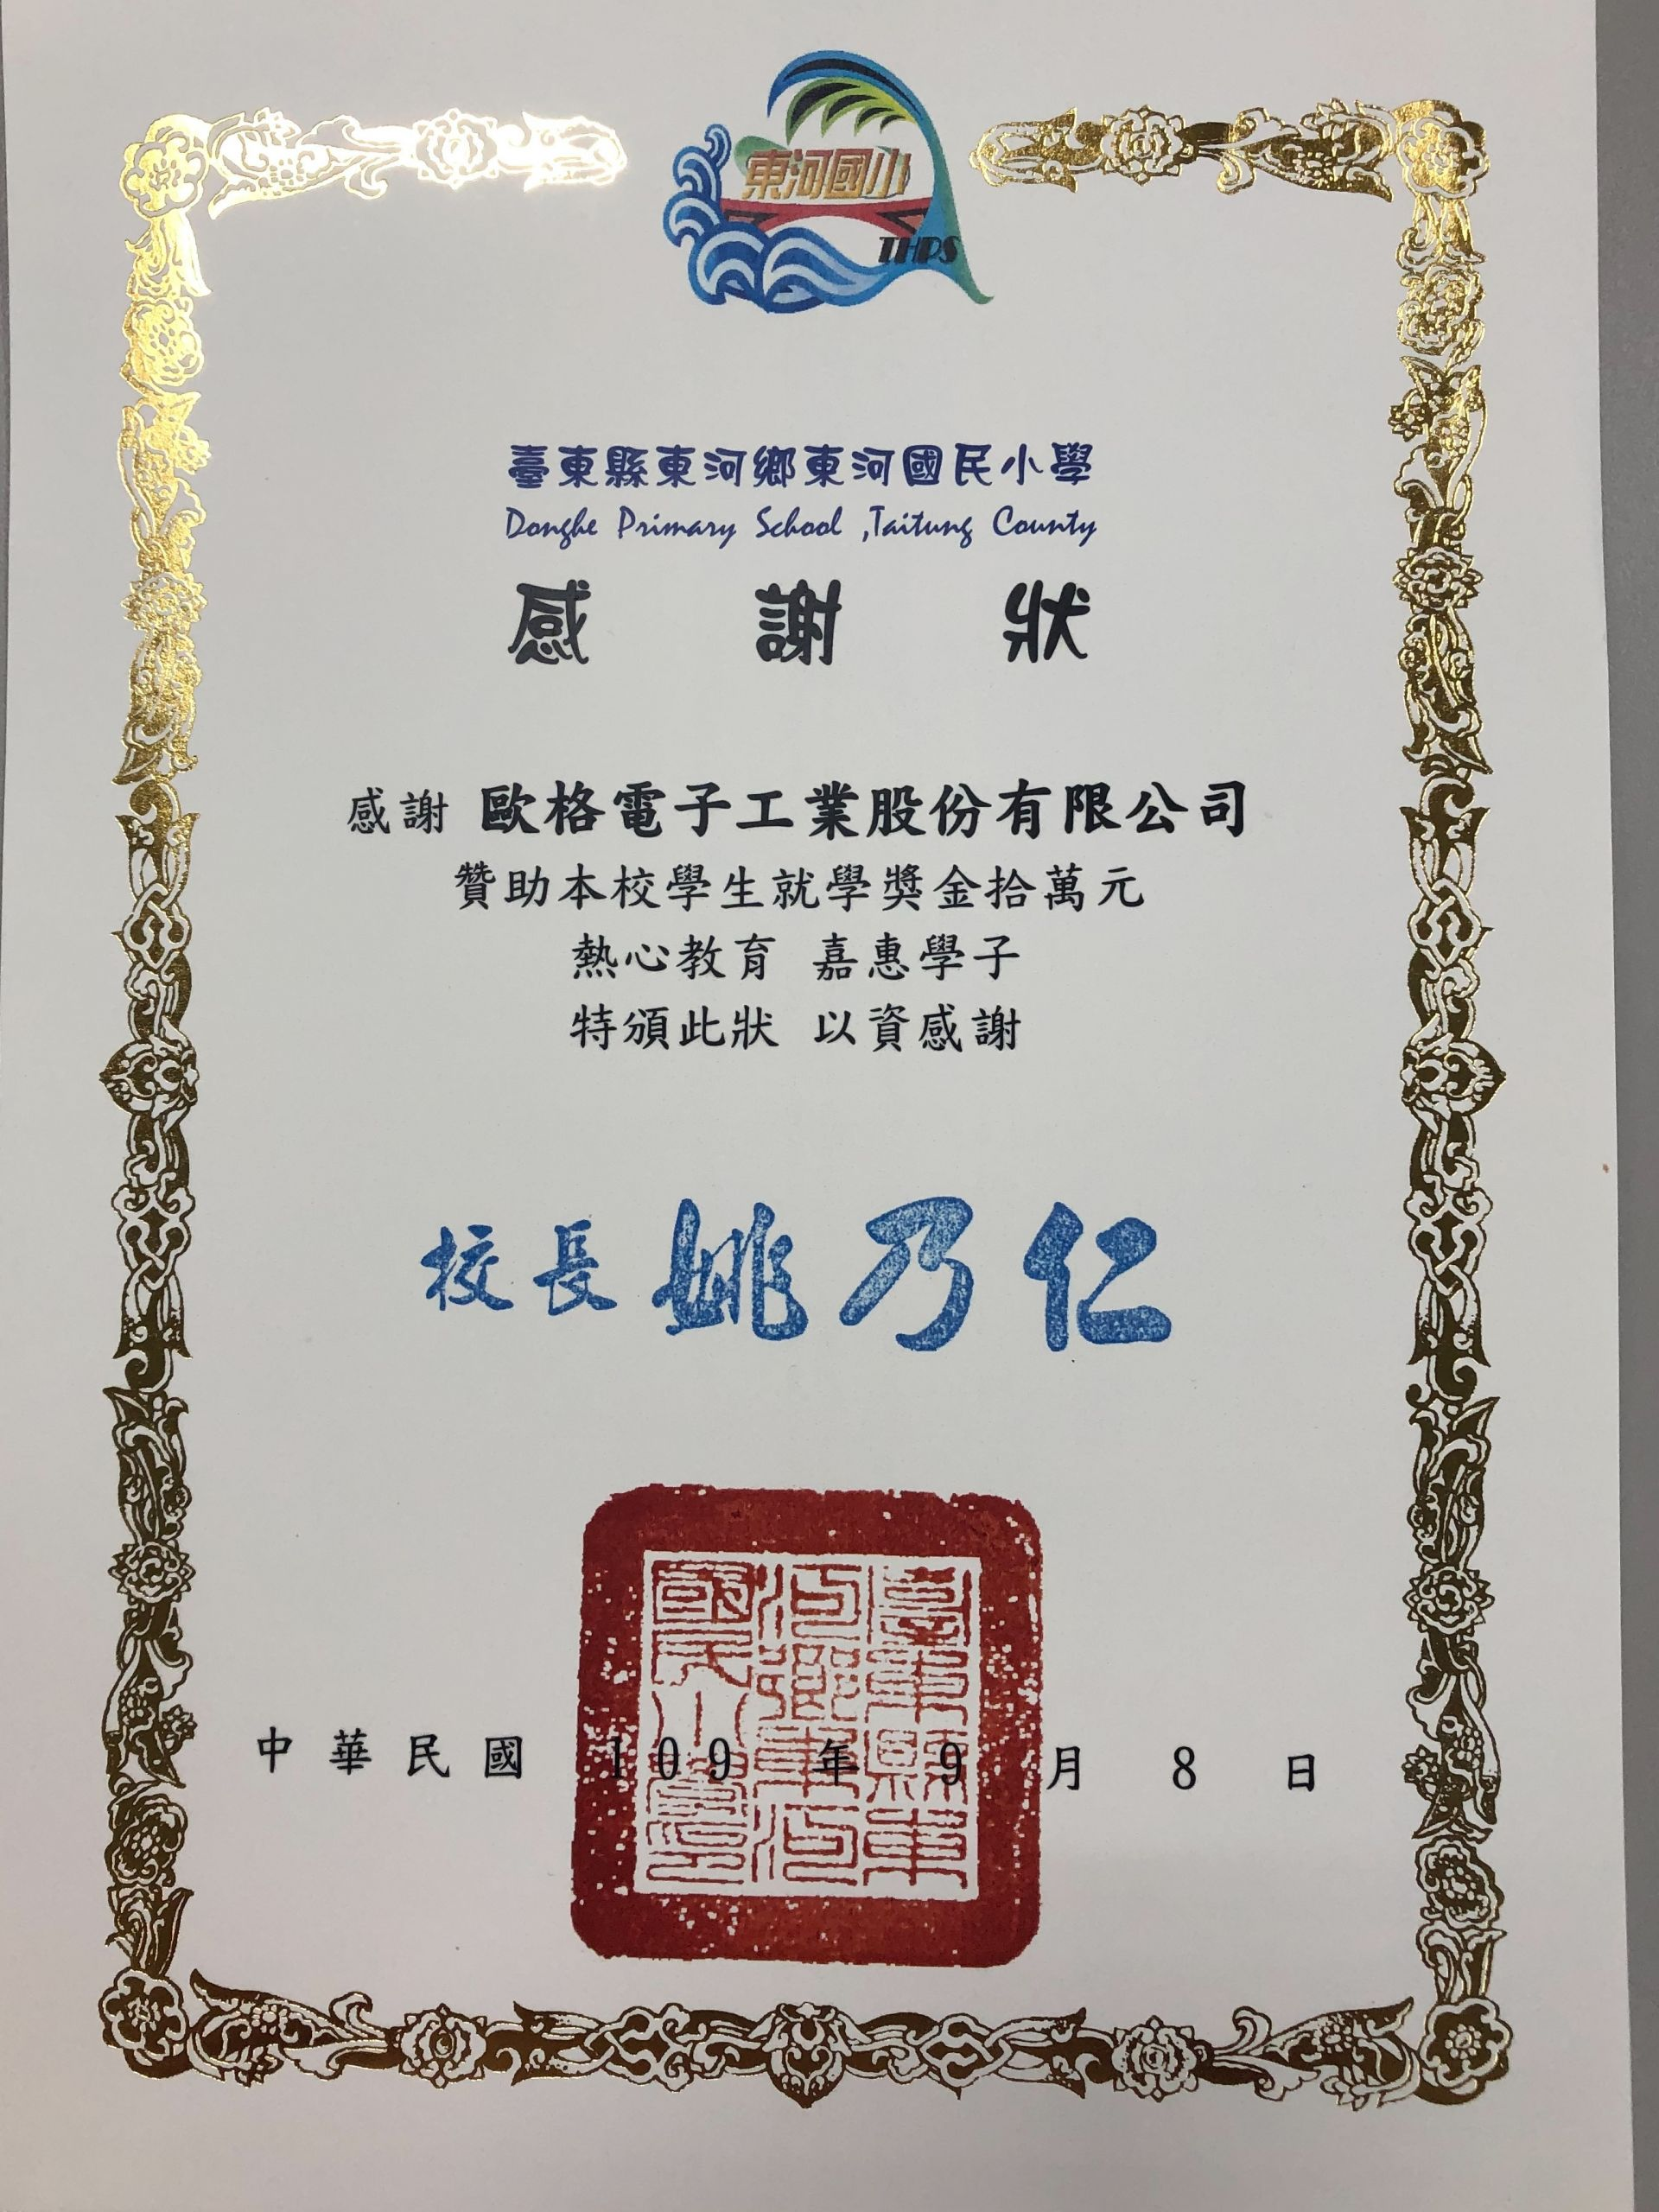 AHOKU ได้รับรางวัลชมเชยทุนการศึกษาปี 2020 จากโรงเรียนประถม Donghe